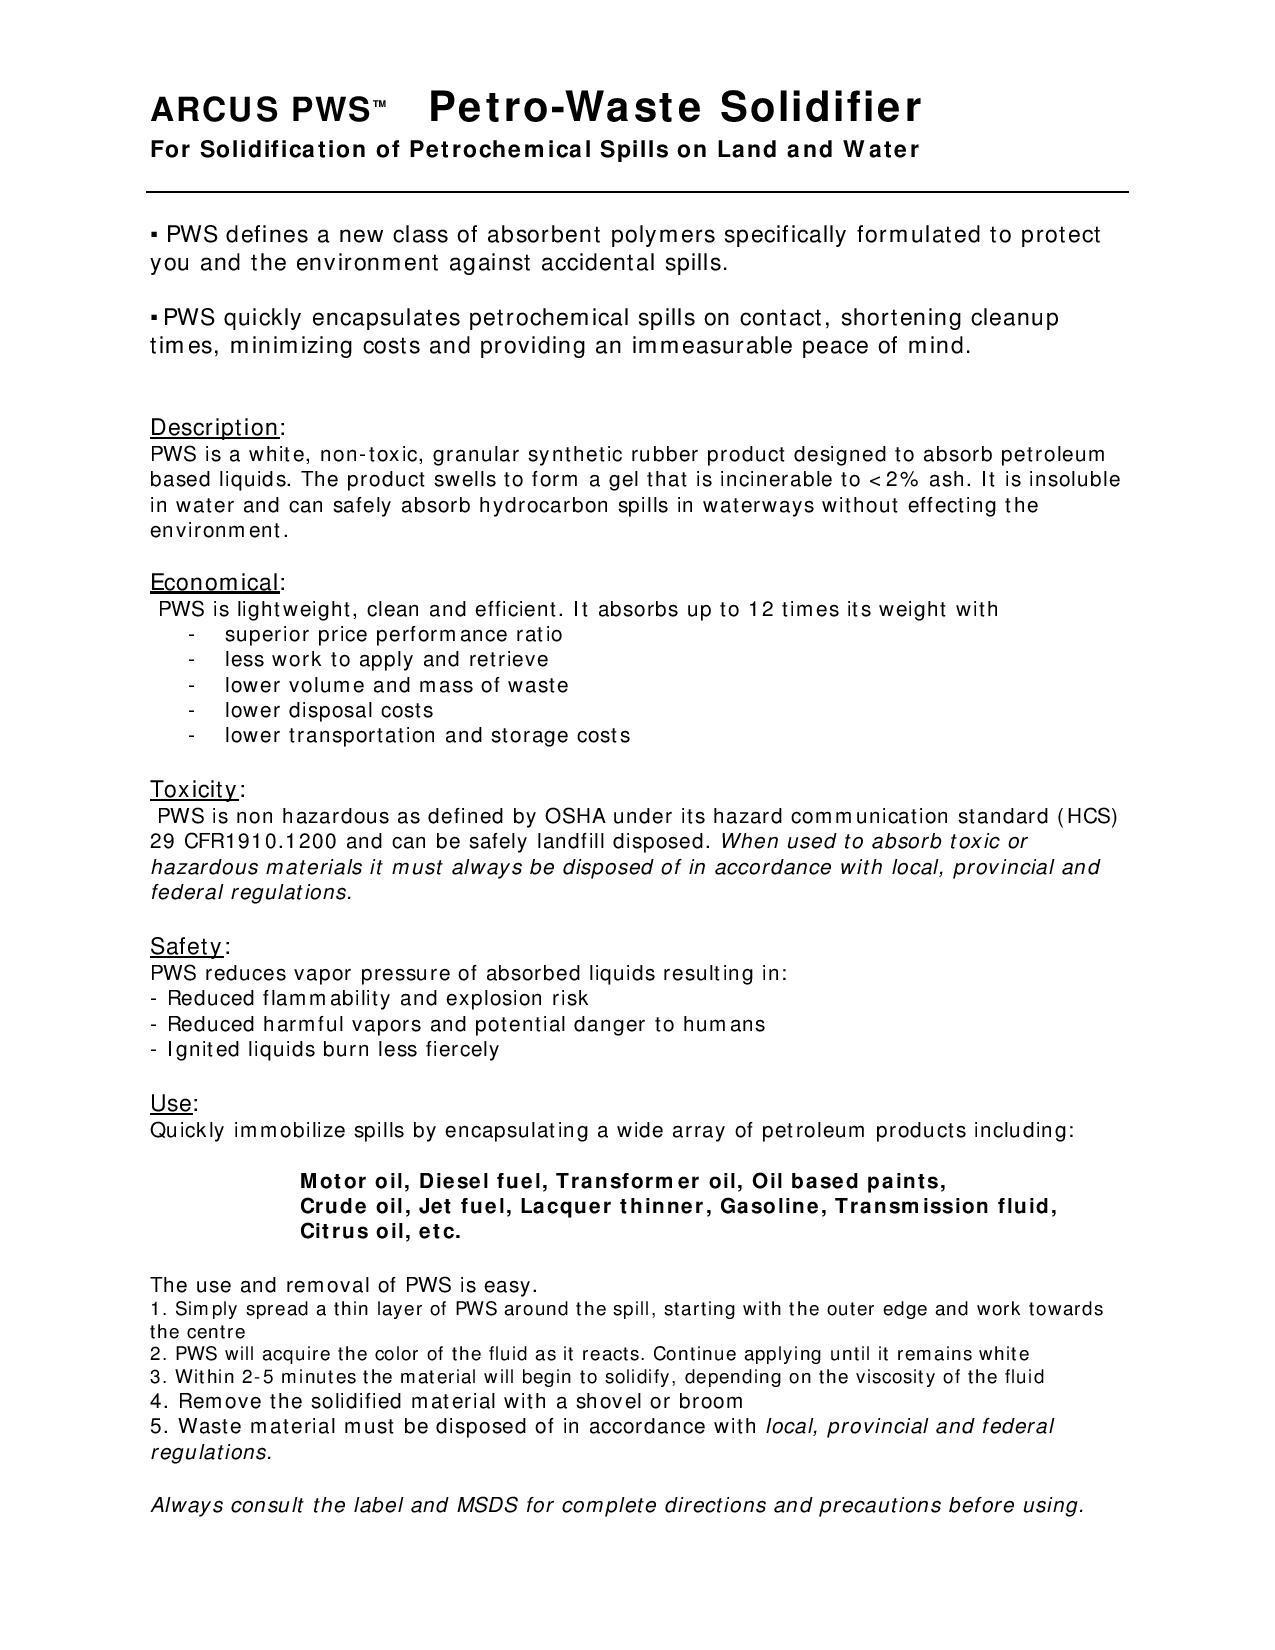 pws-oil-tech-data-page-001.jpg